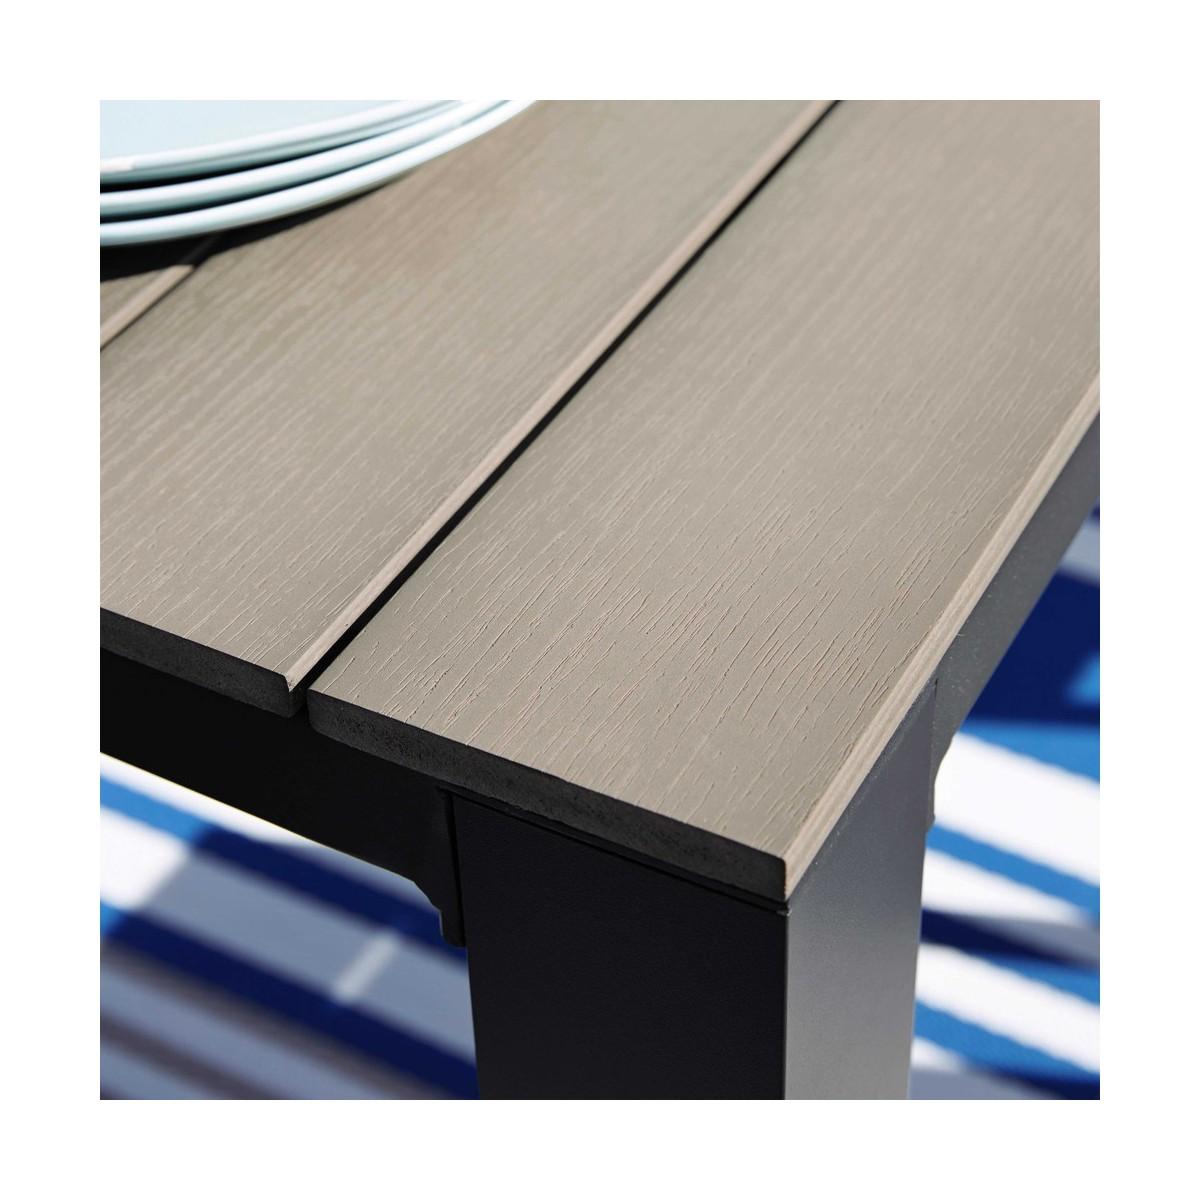 Table de jardin en composite imitation bois et aluminium grisée